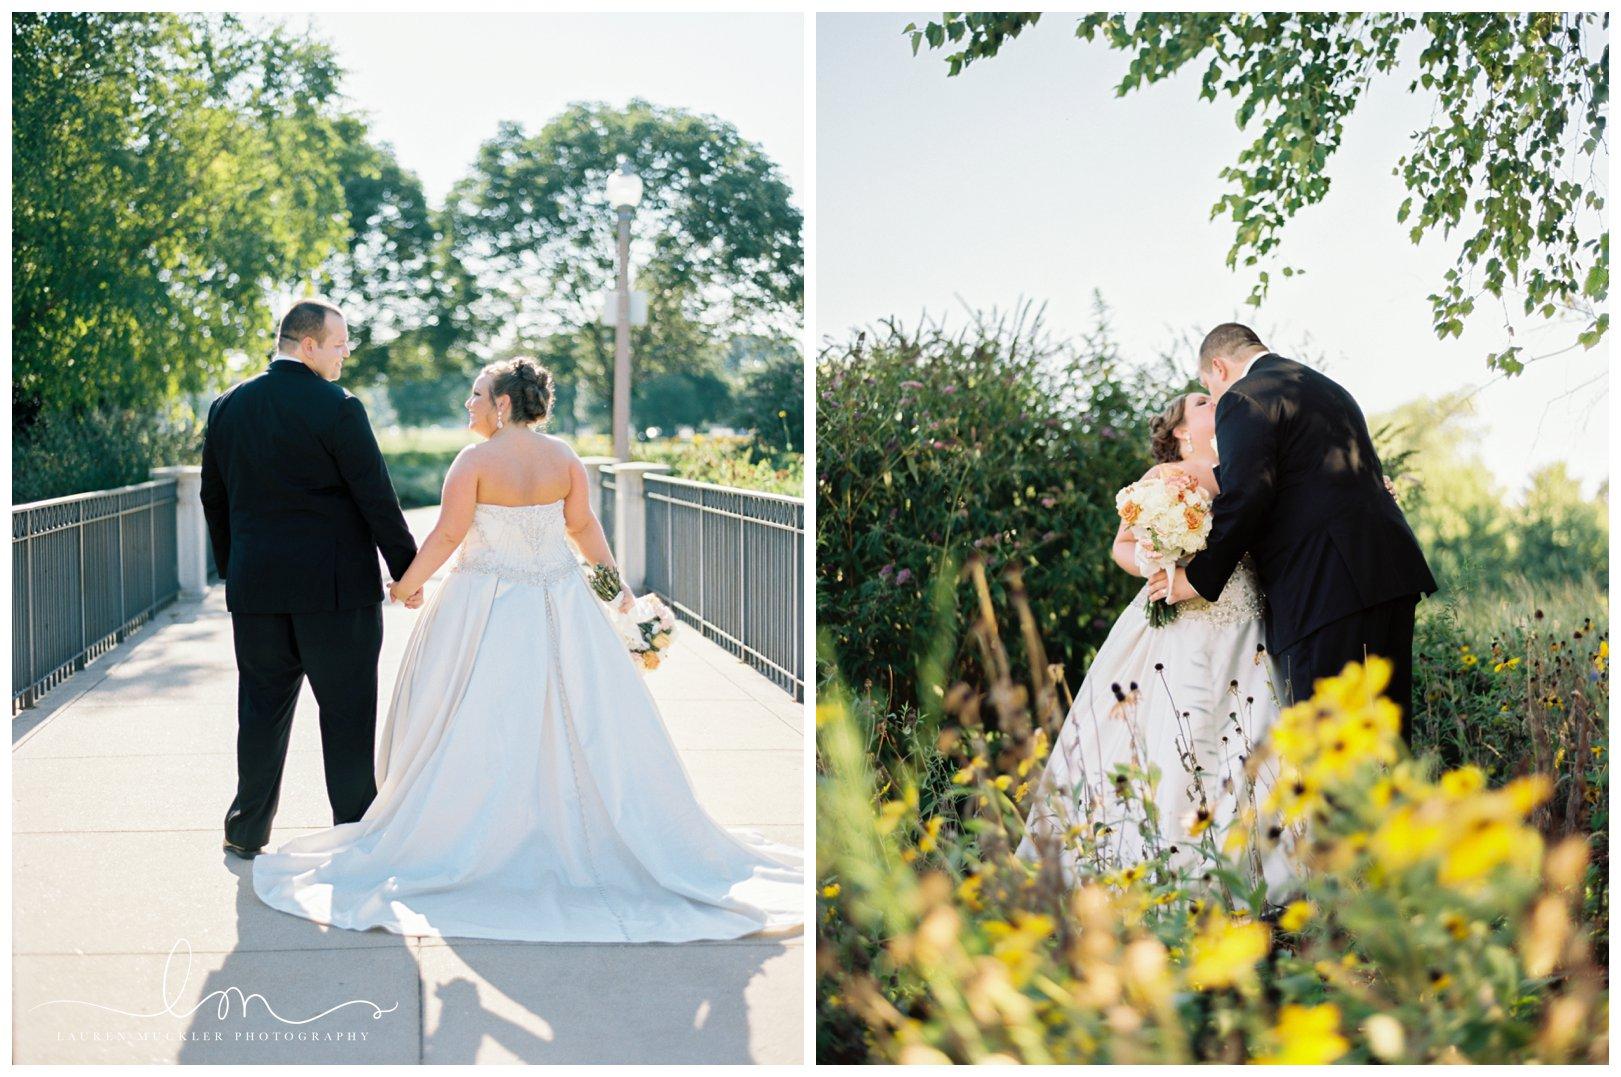 lauren muckler photography_fine art film wedding photography_st louis_photography_0632.jpg